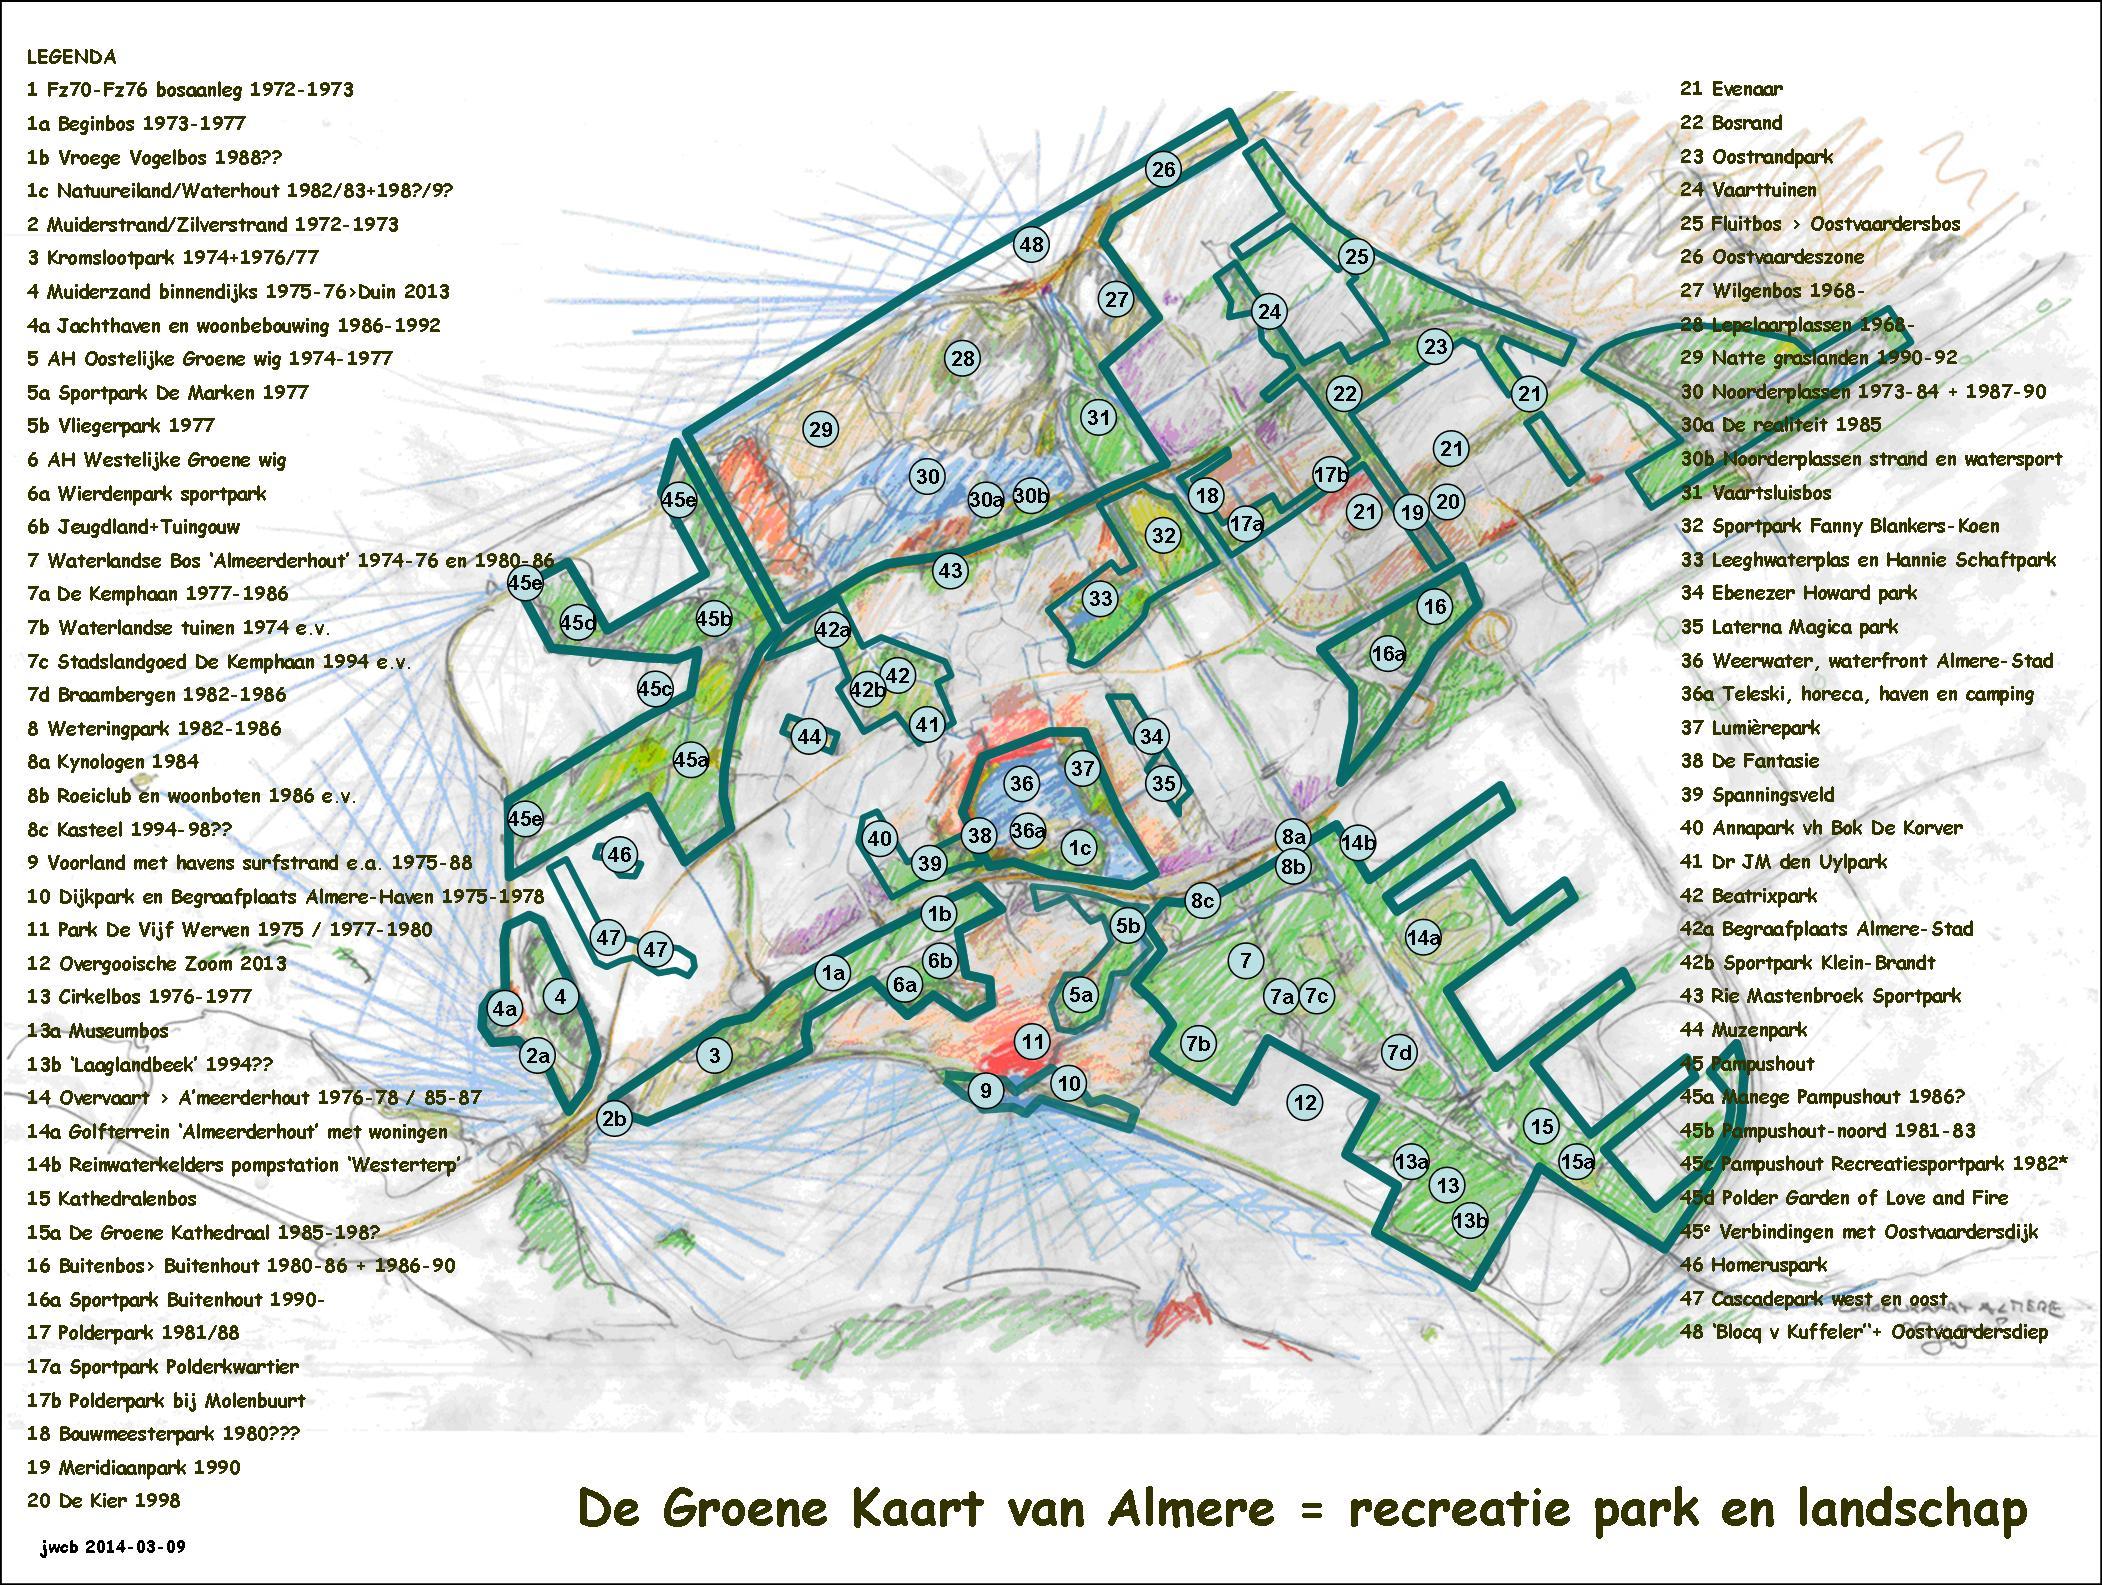 De Groene Kaart van Almere